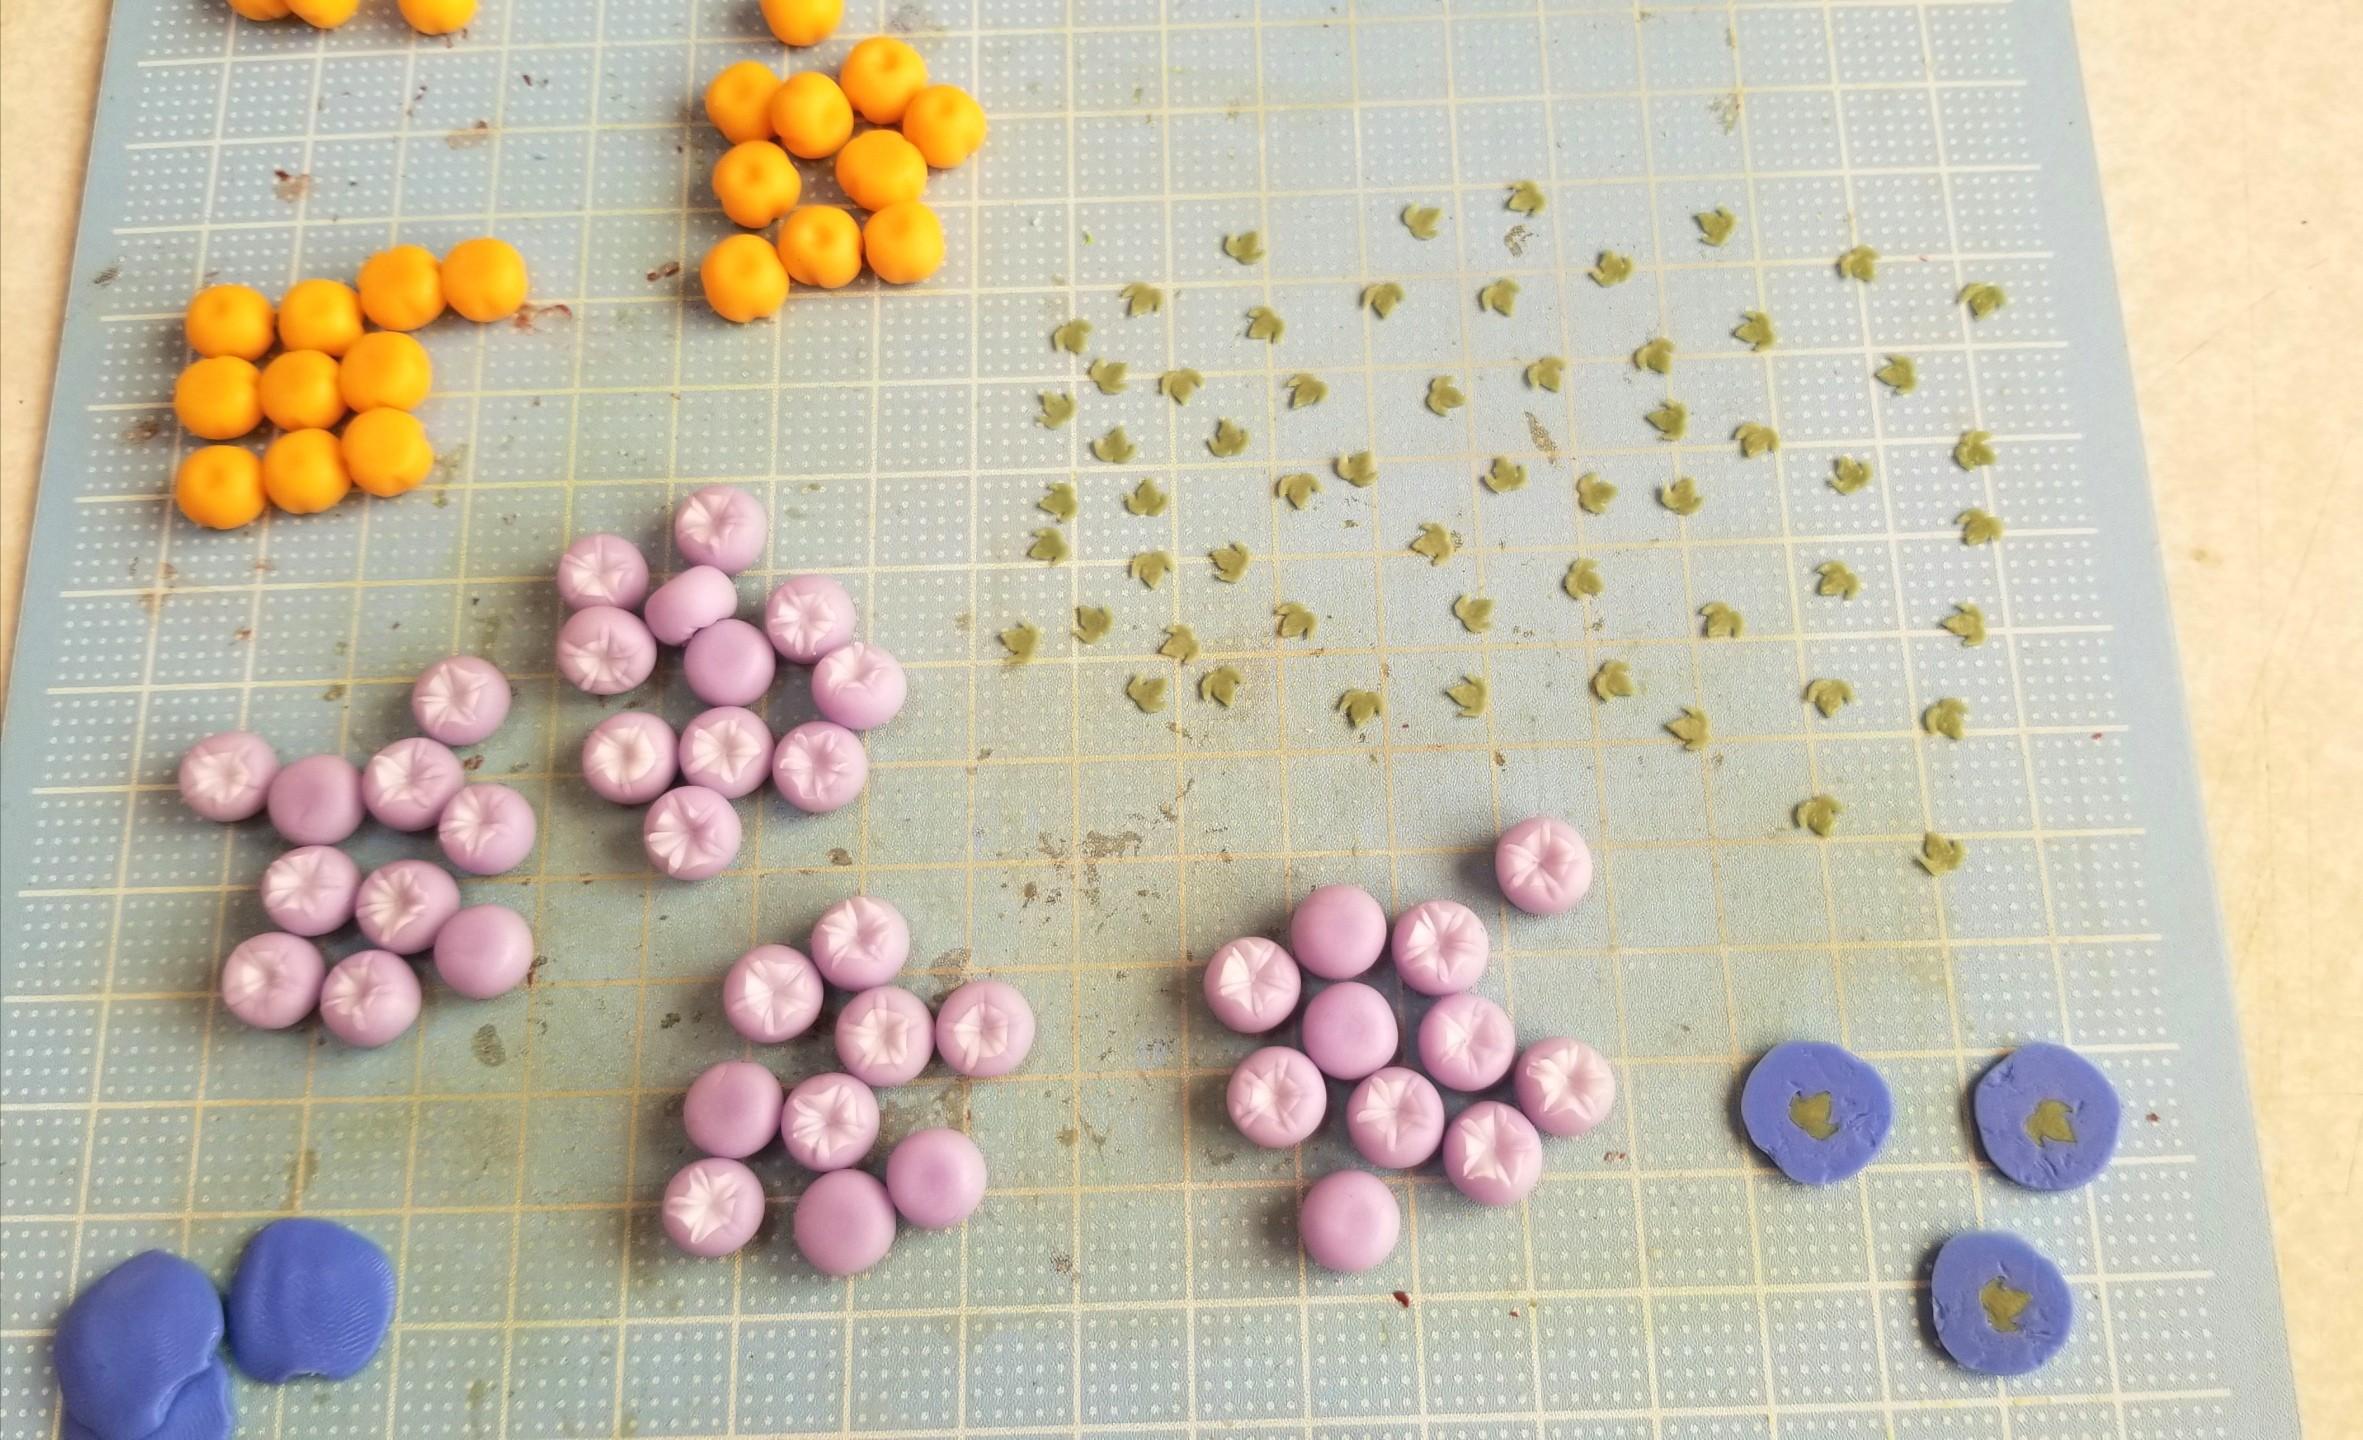 ミニチュアフード,和菓子,朝顔の葉っぱ,作り方,樹脂粘土,フェイク